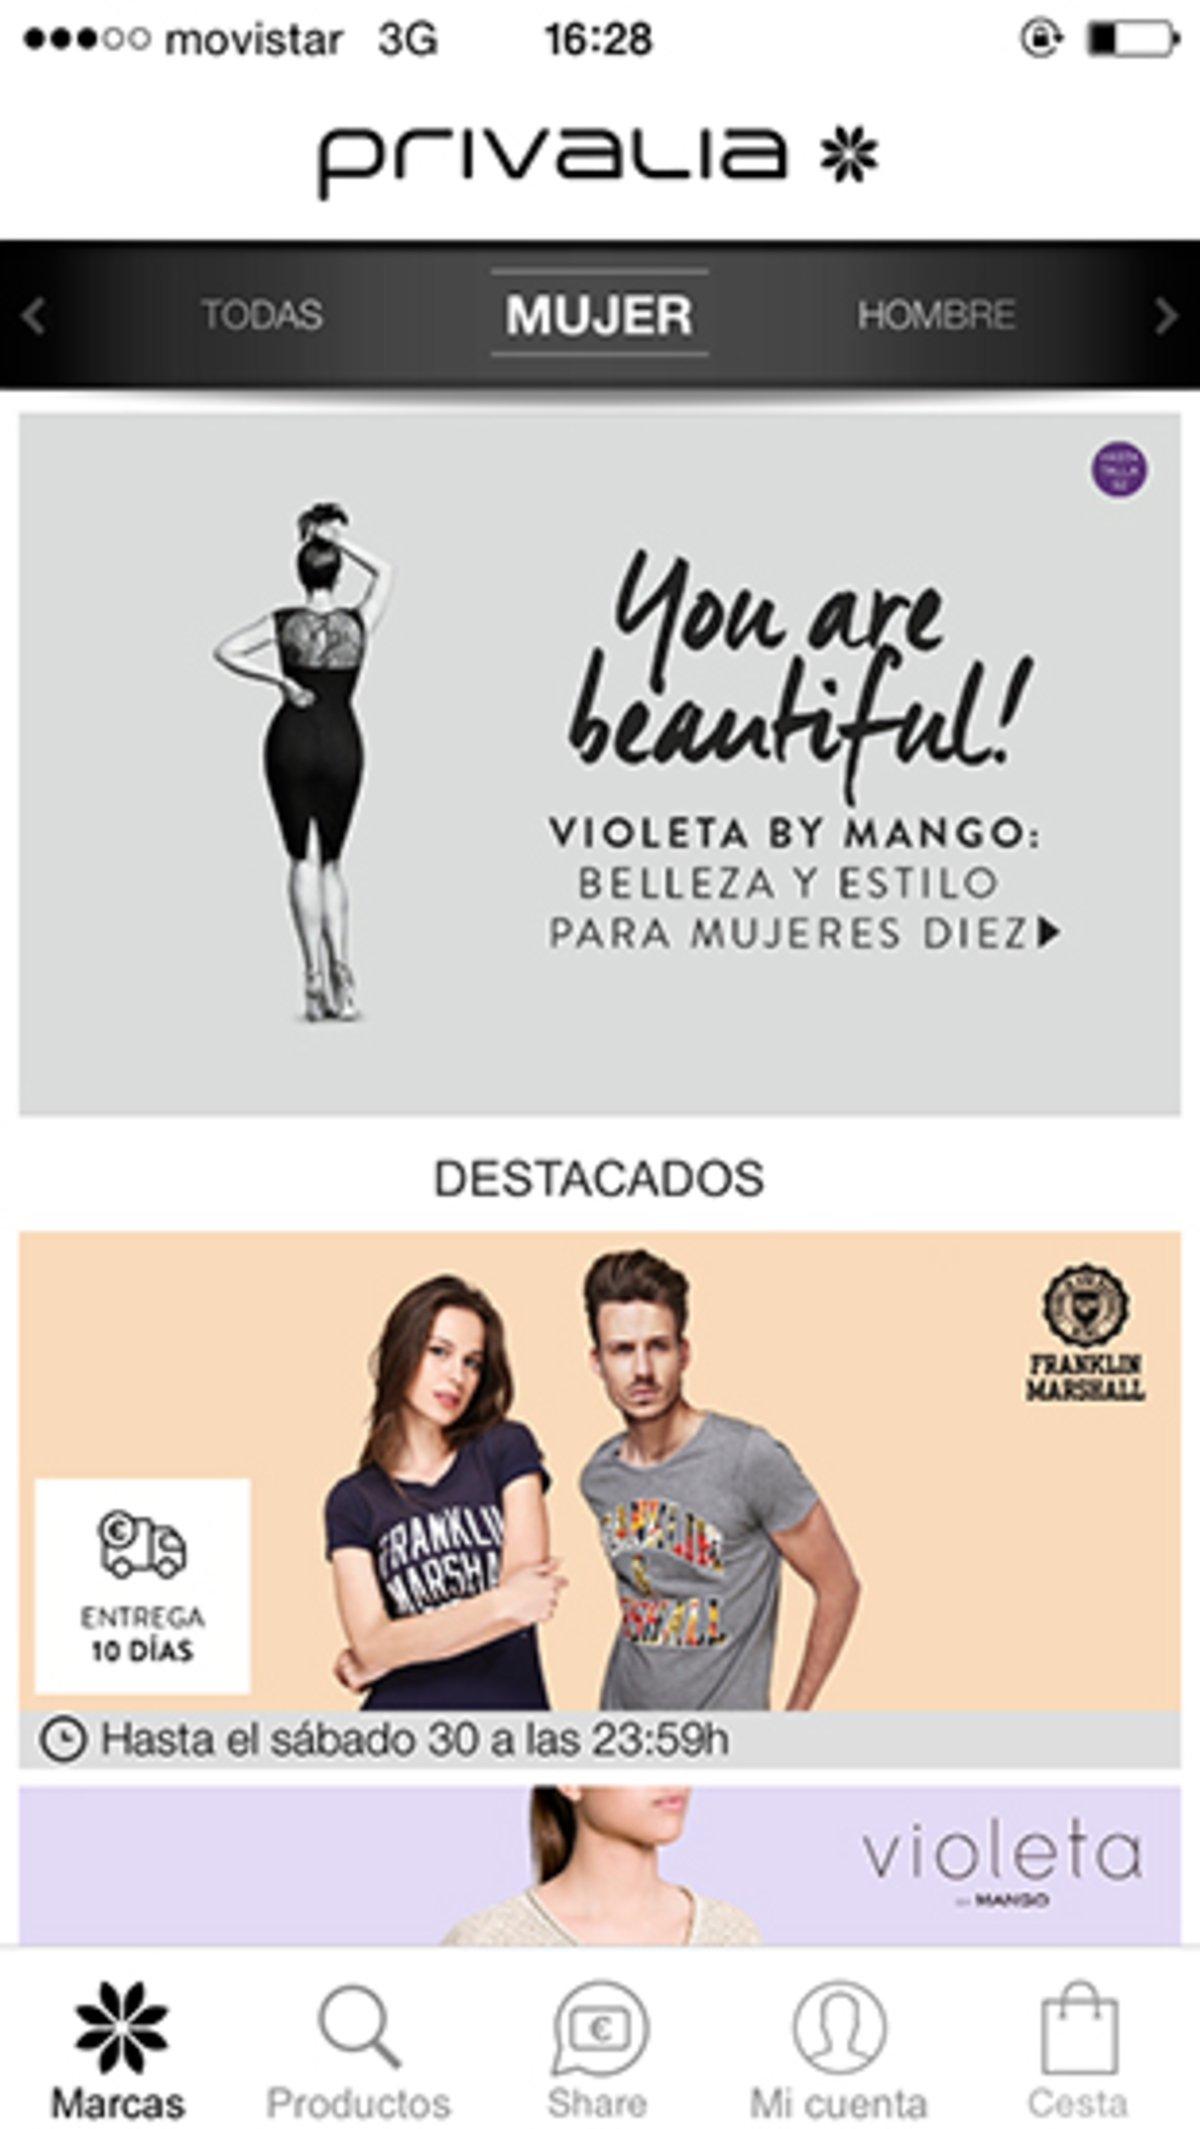 privalia-descuentos-iphone-ipad-4